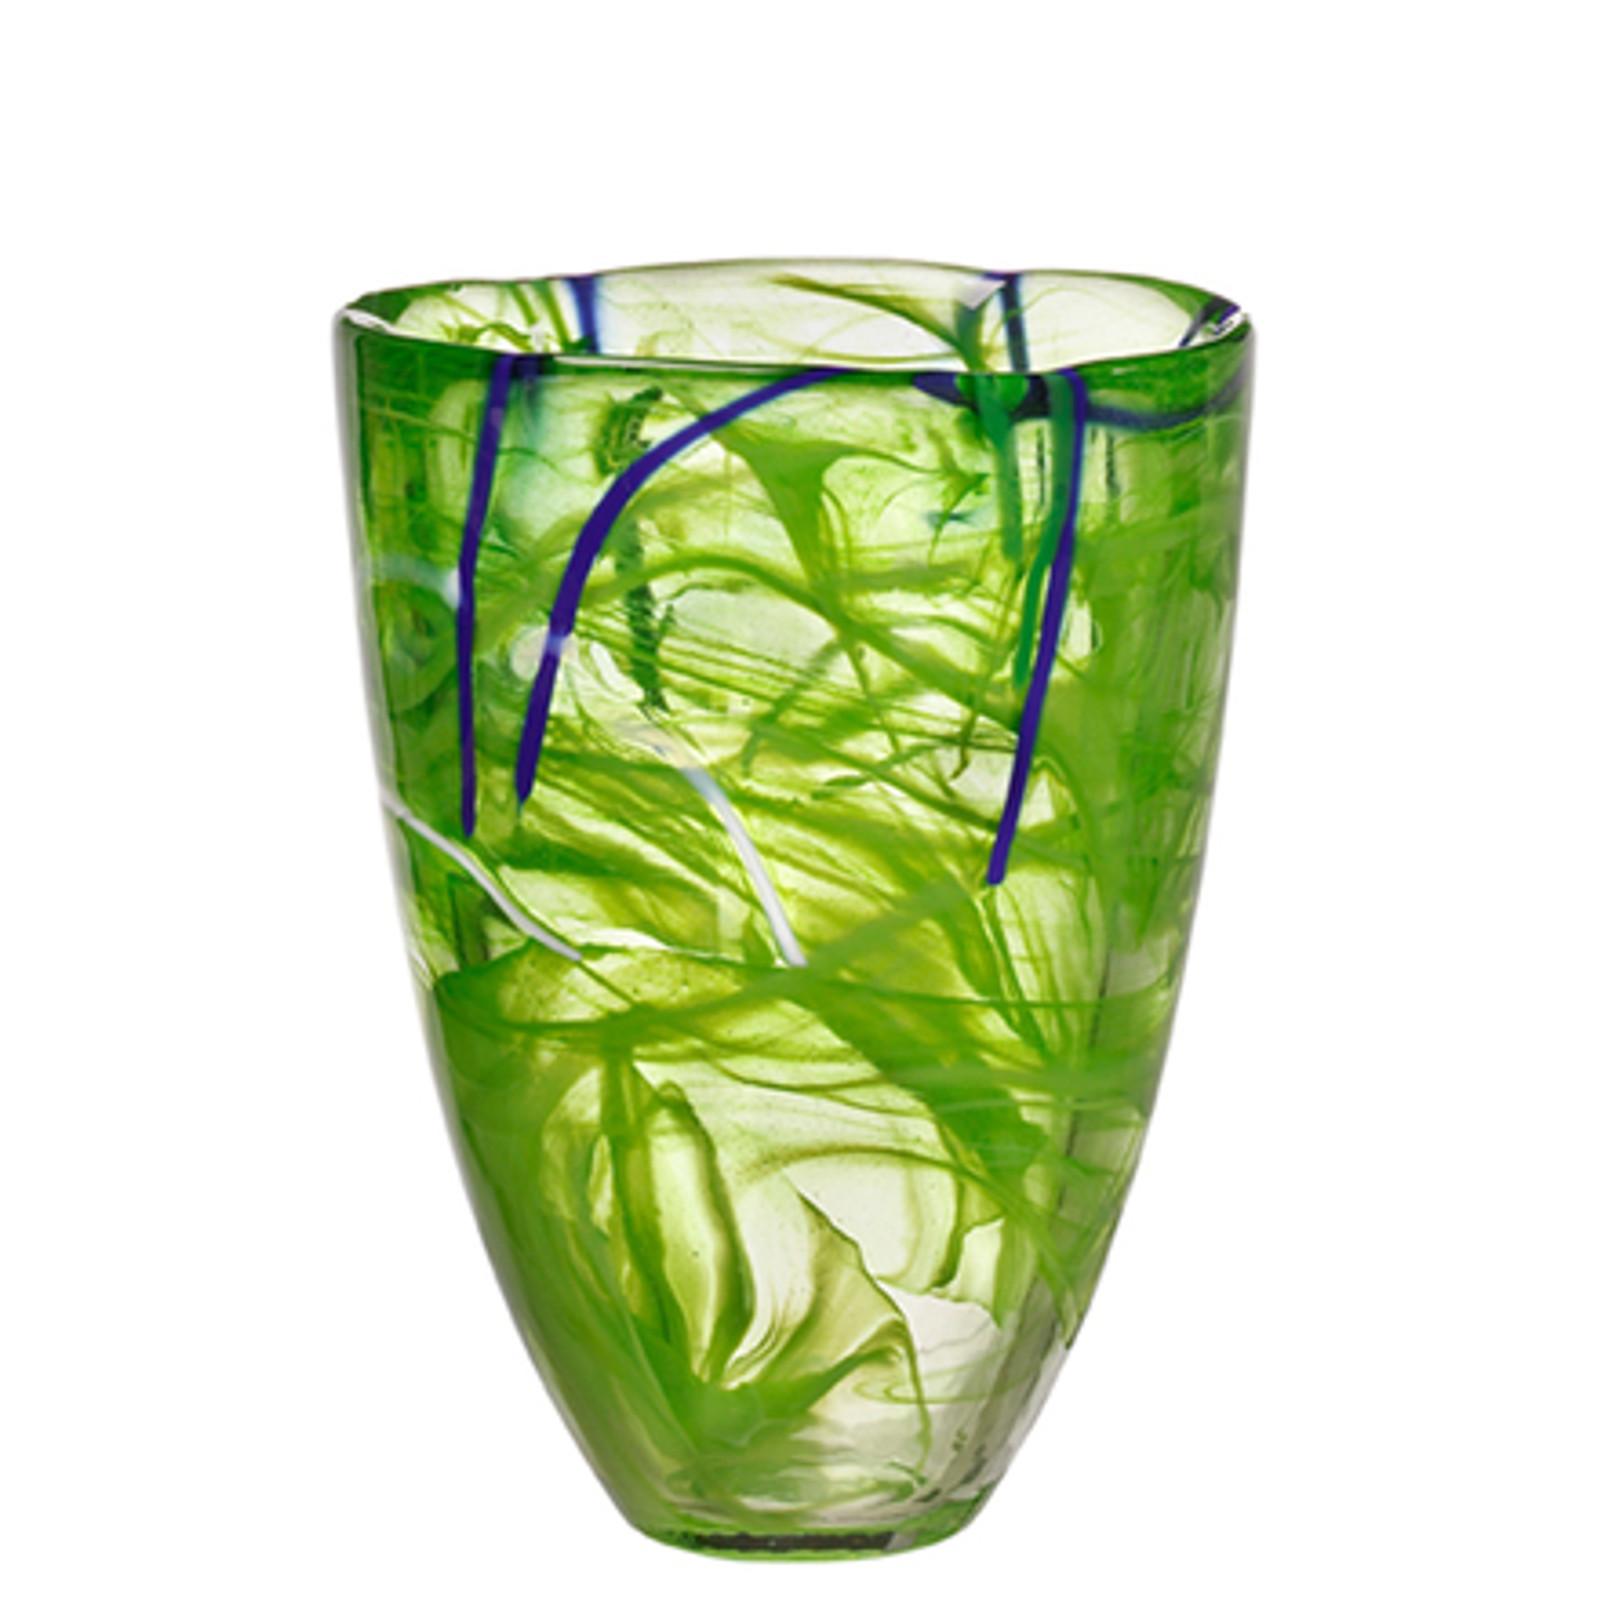 Kosta Boda Contrast Lime Vase